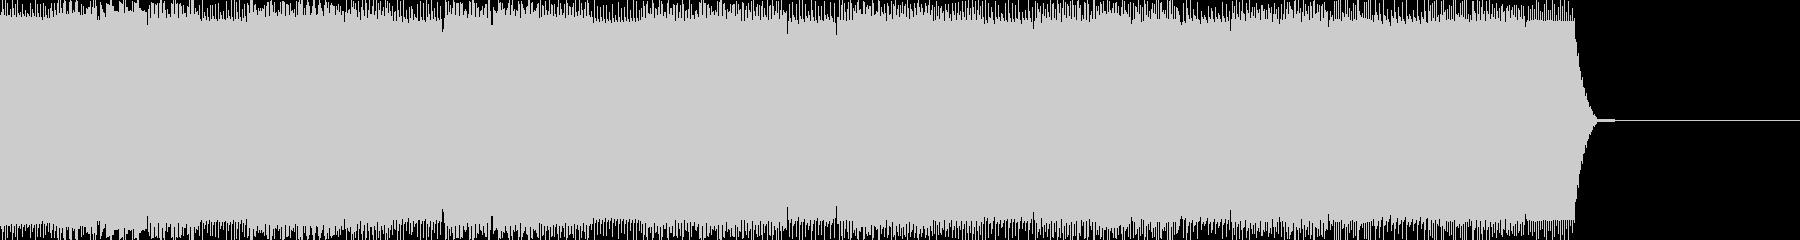 キュルキュル(ファミコン風効果音)の未再生の波形